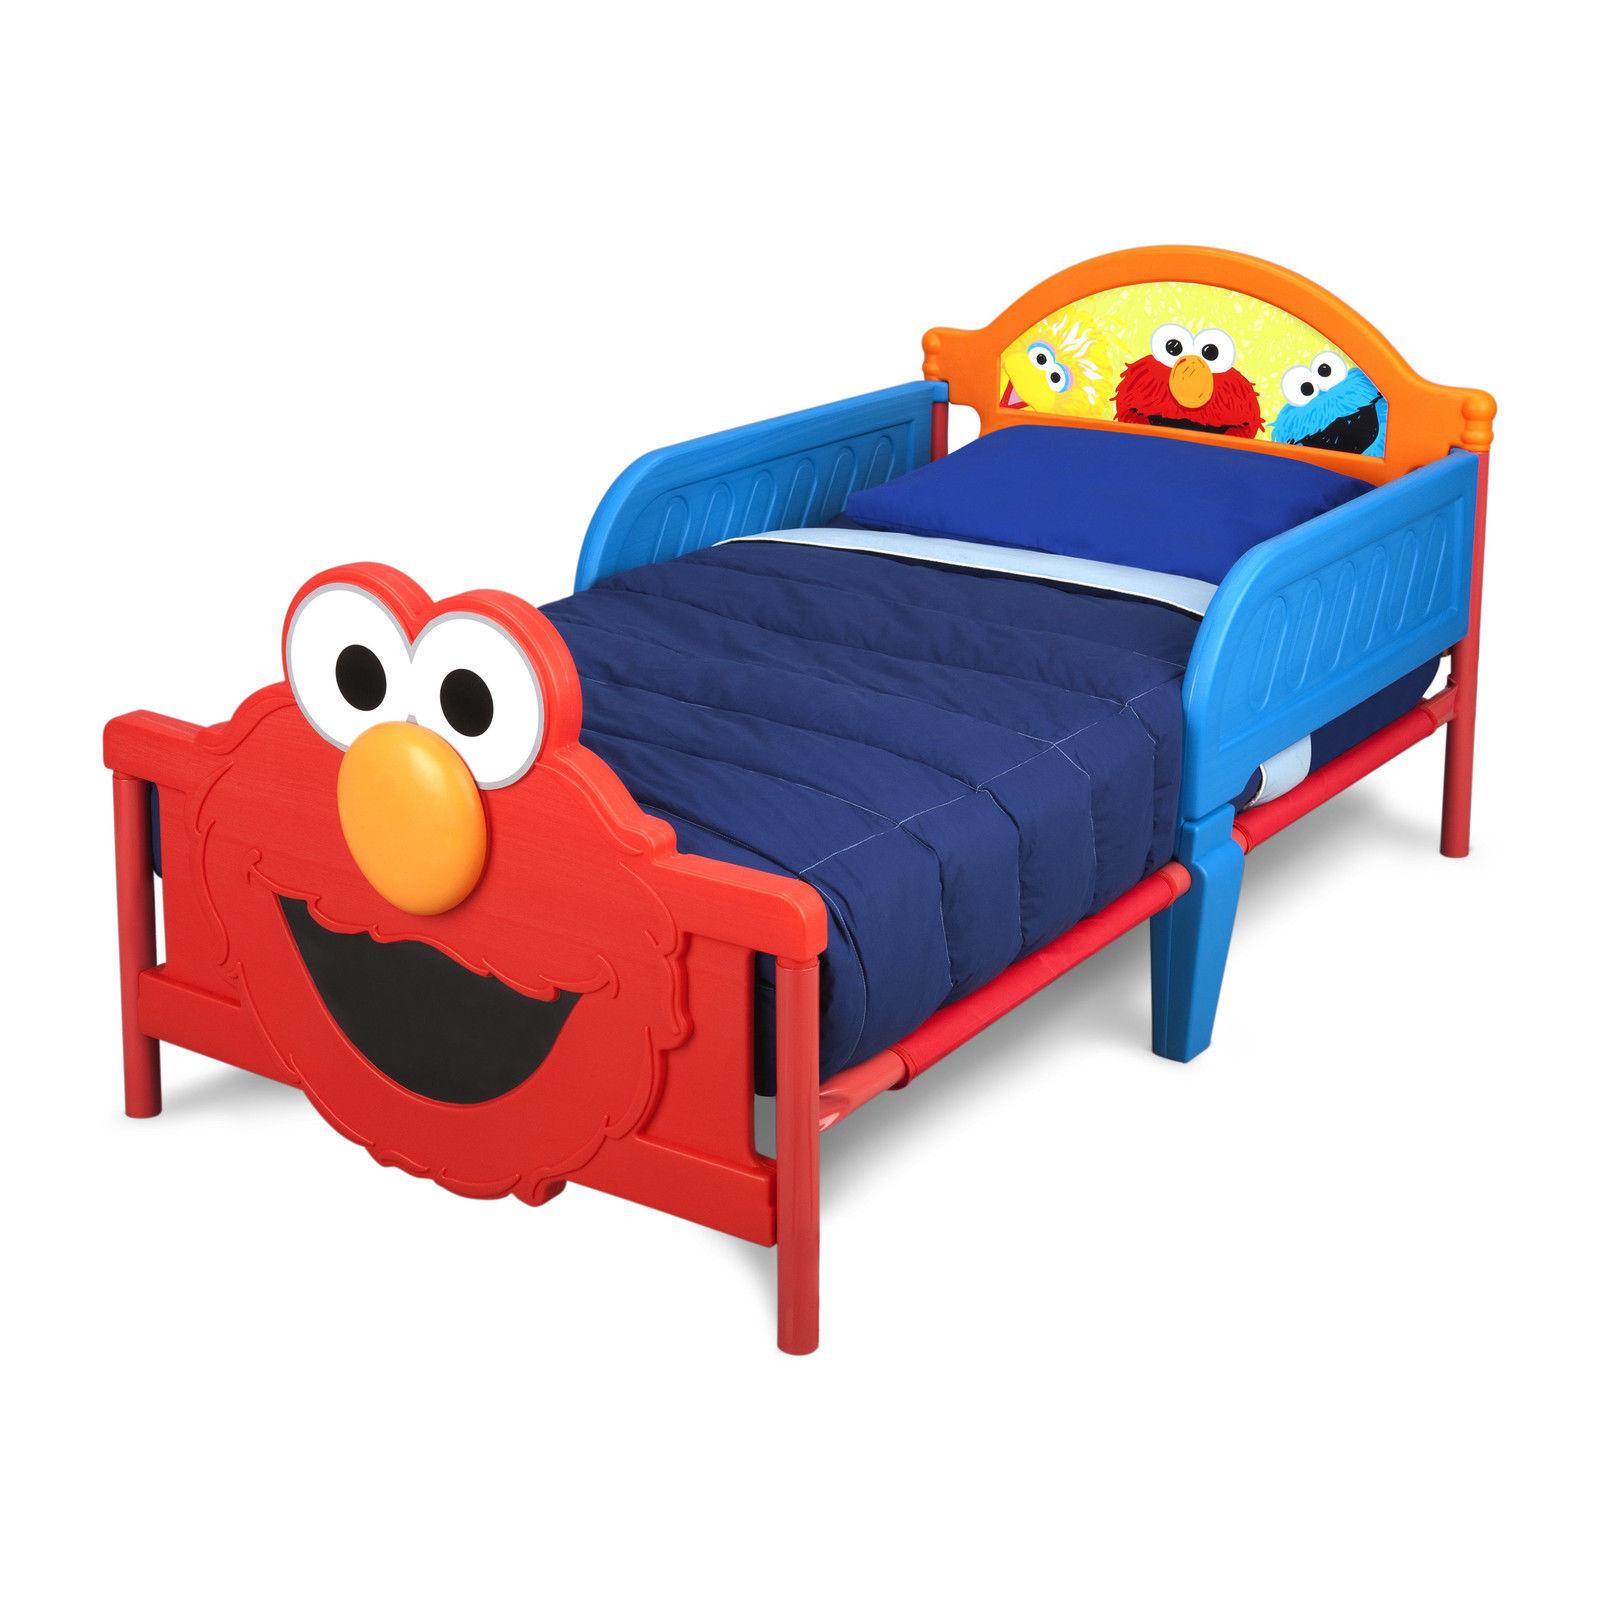 Sesame Street 3d Toddler Bed Frame Children And 17 Similar